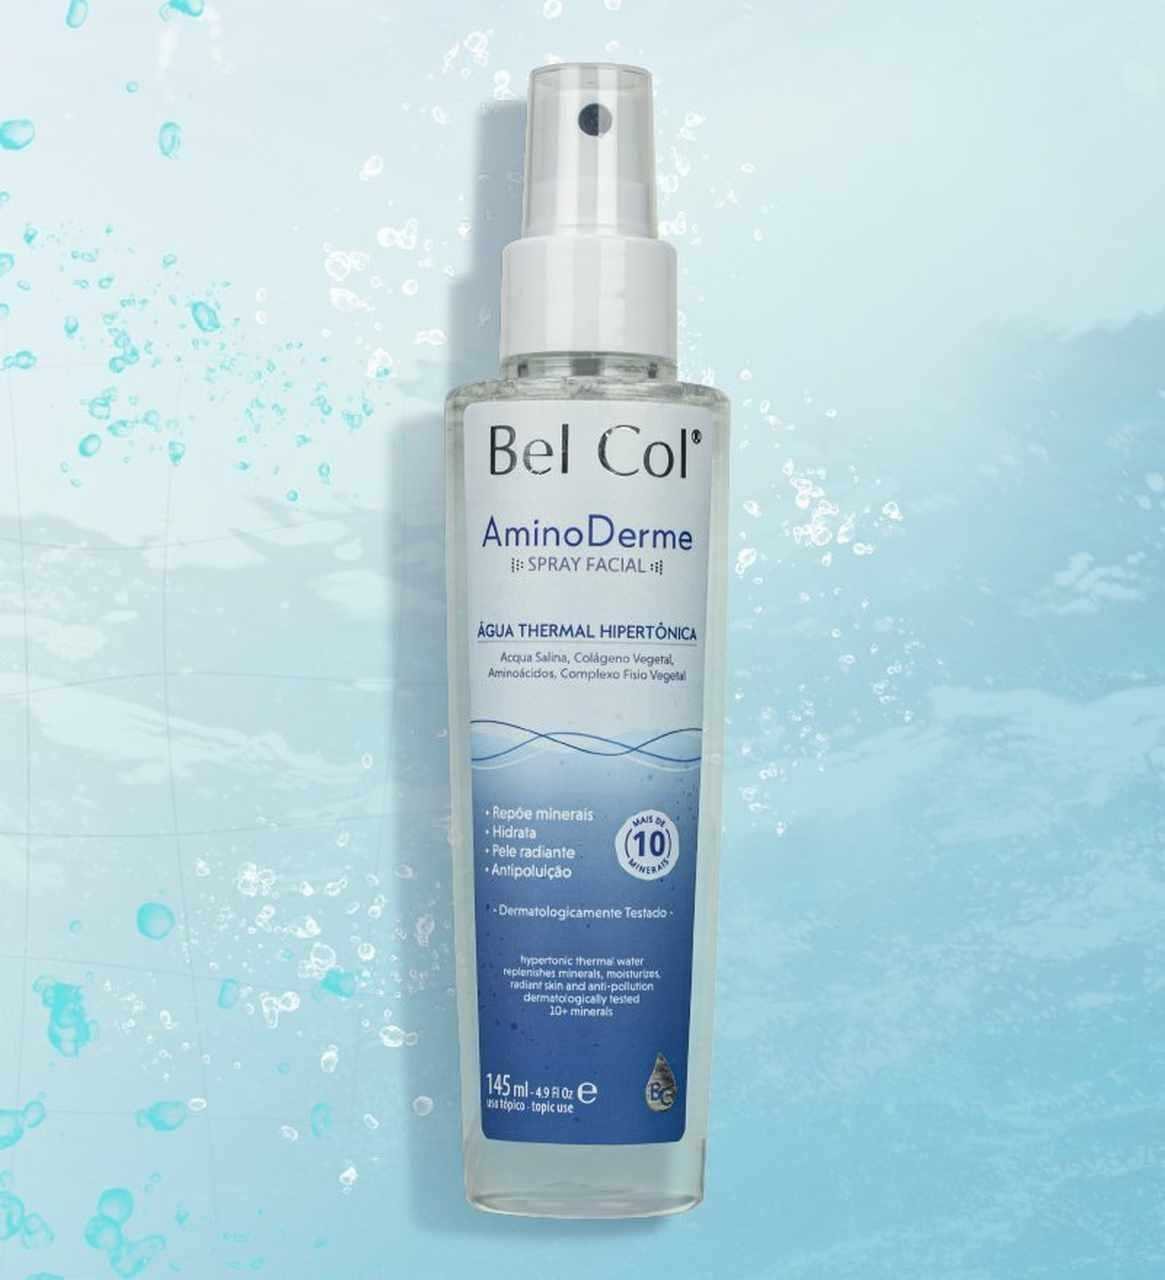 Kit Pele Super Hidratada - Skincare Prático para uma Pele Saudável Todo Dia